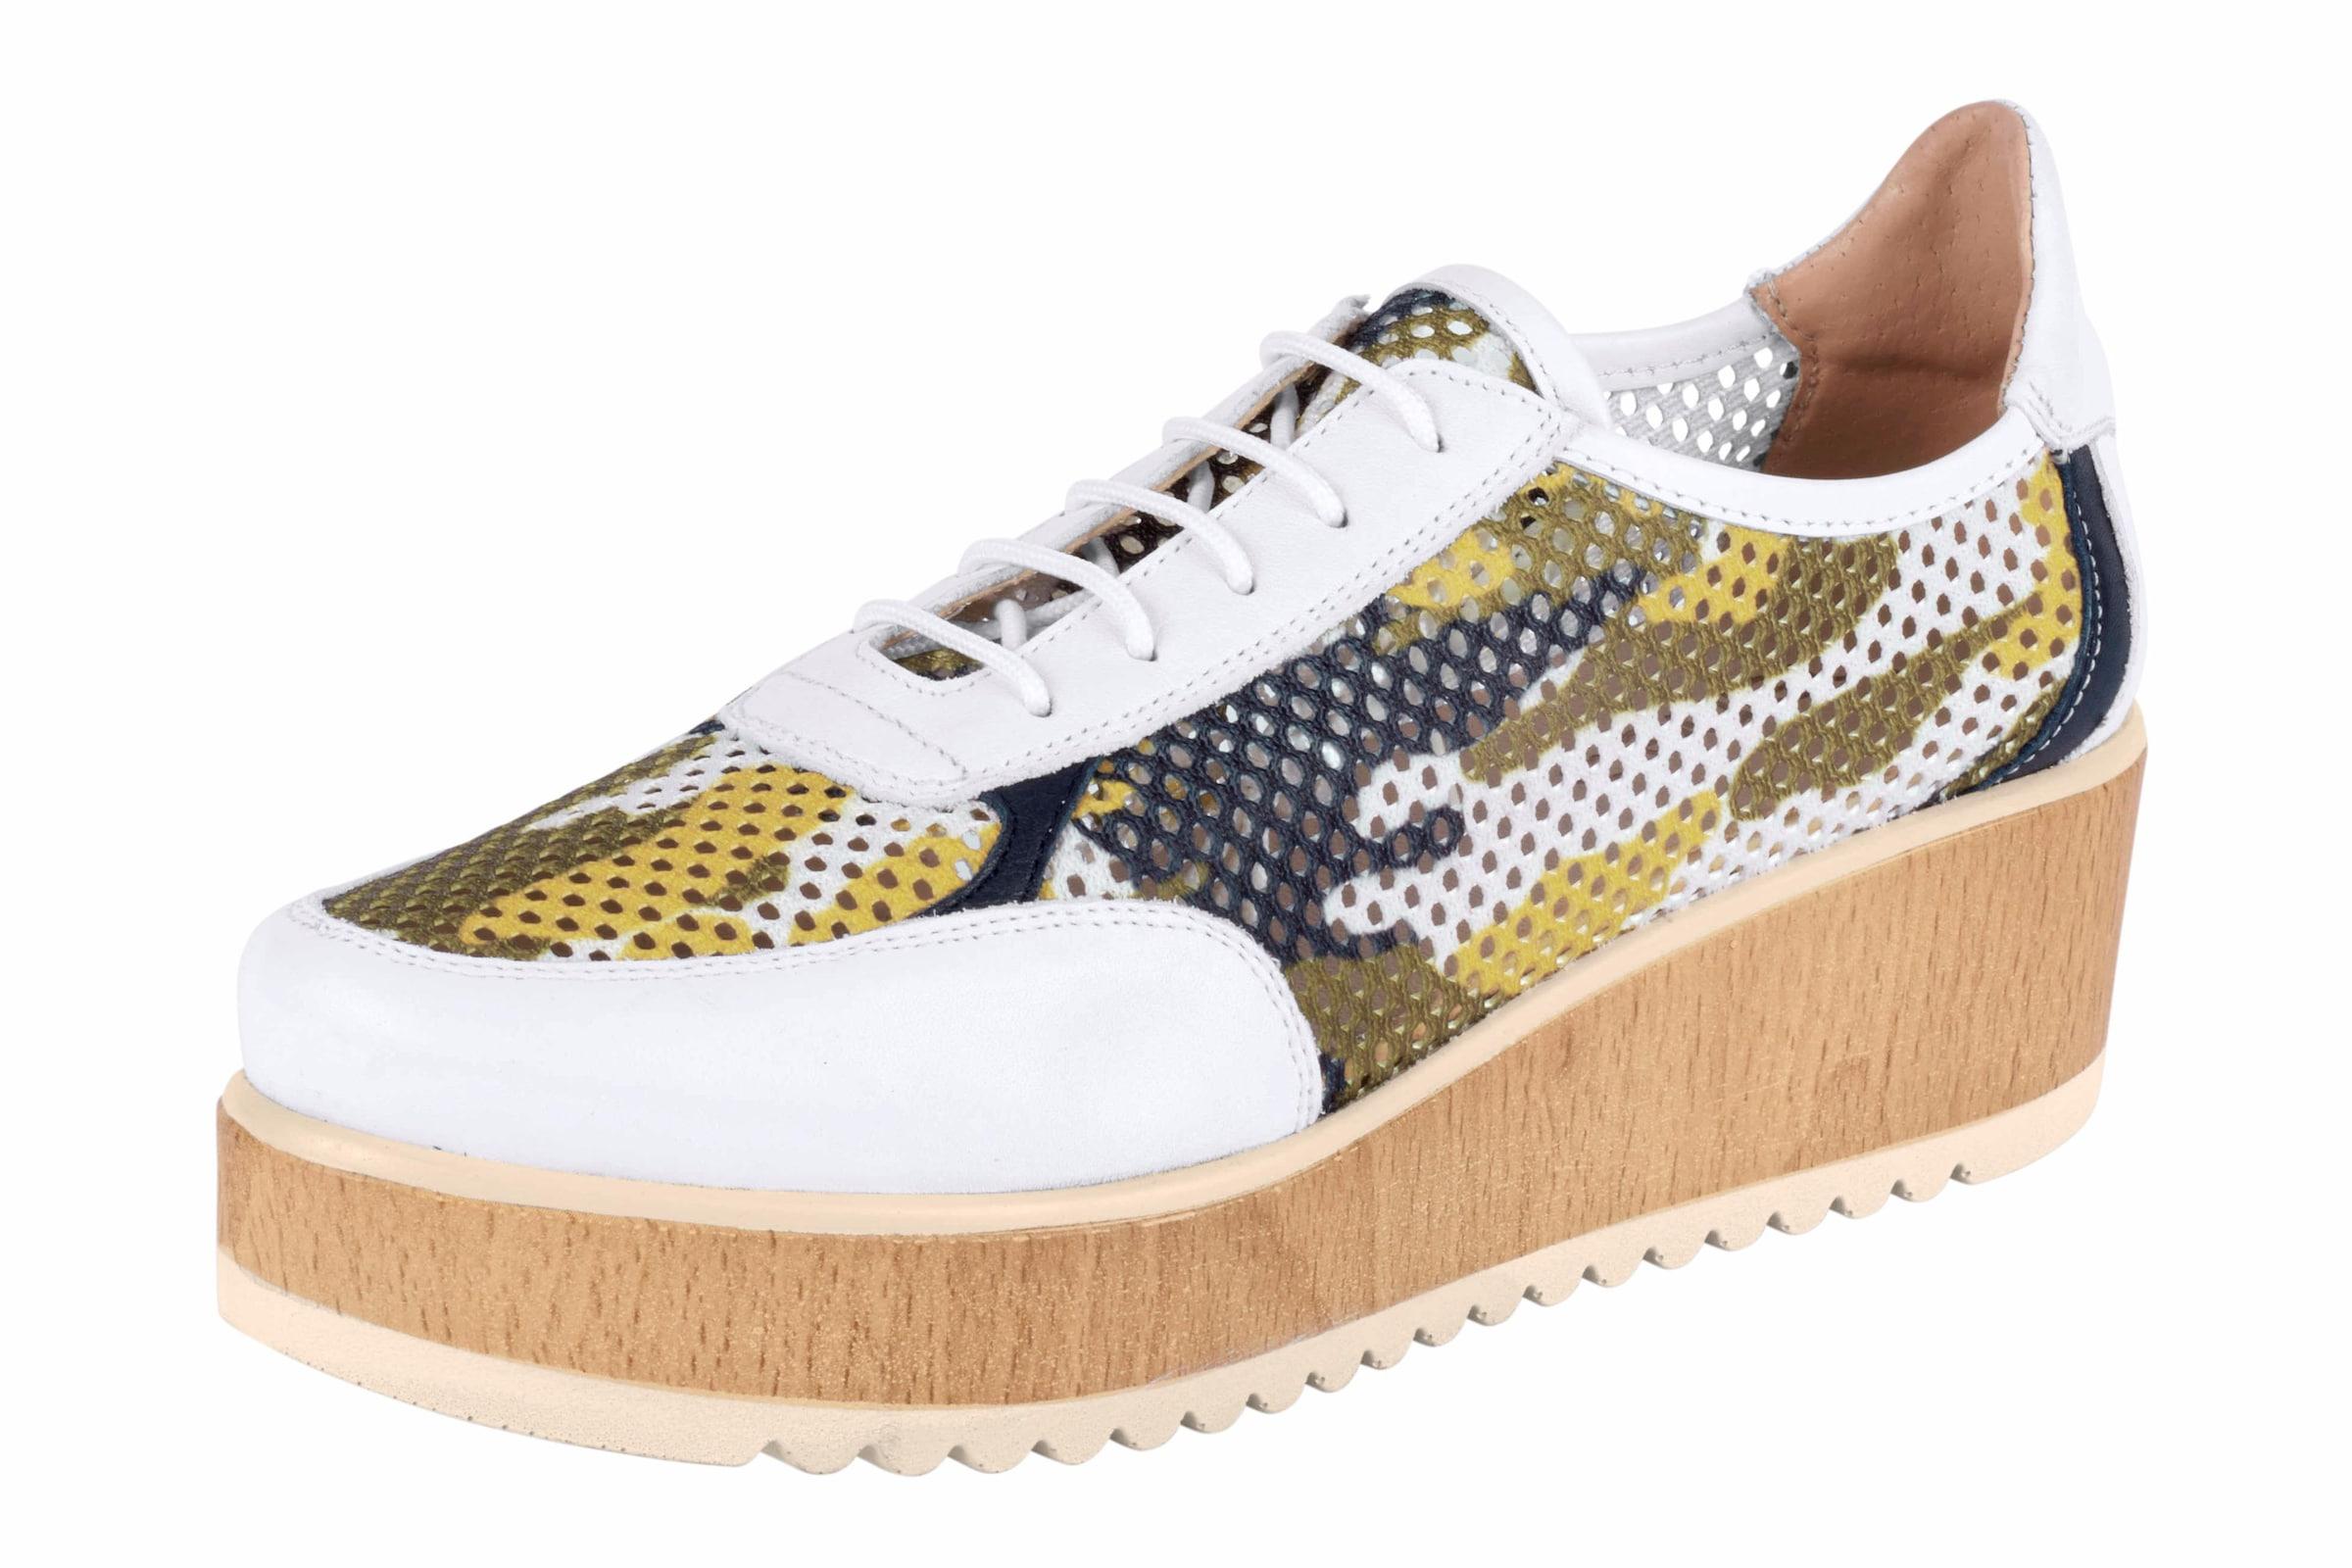 Haltbare Mode billige Schuhe heine | Schnürer mit Plateau-Sohle Schuhe Gut getragene Schuhe